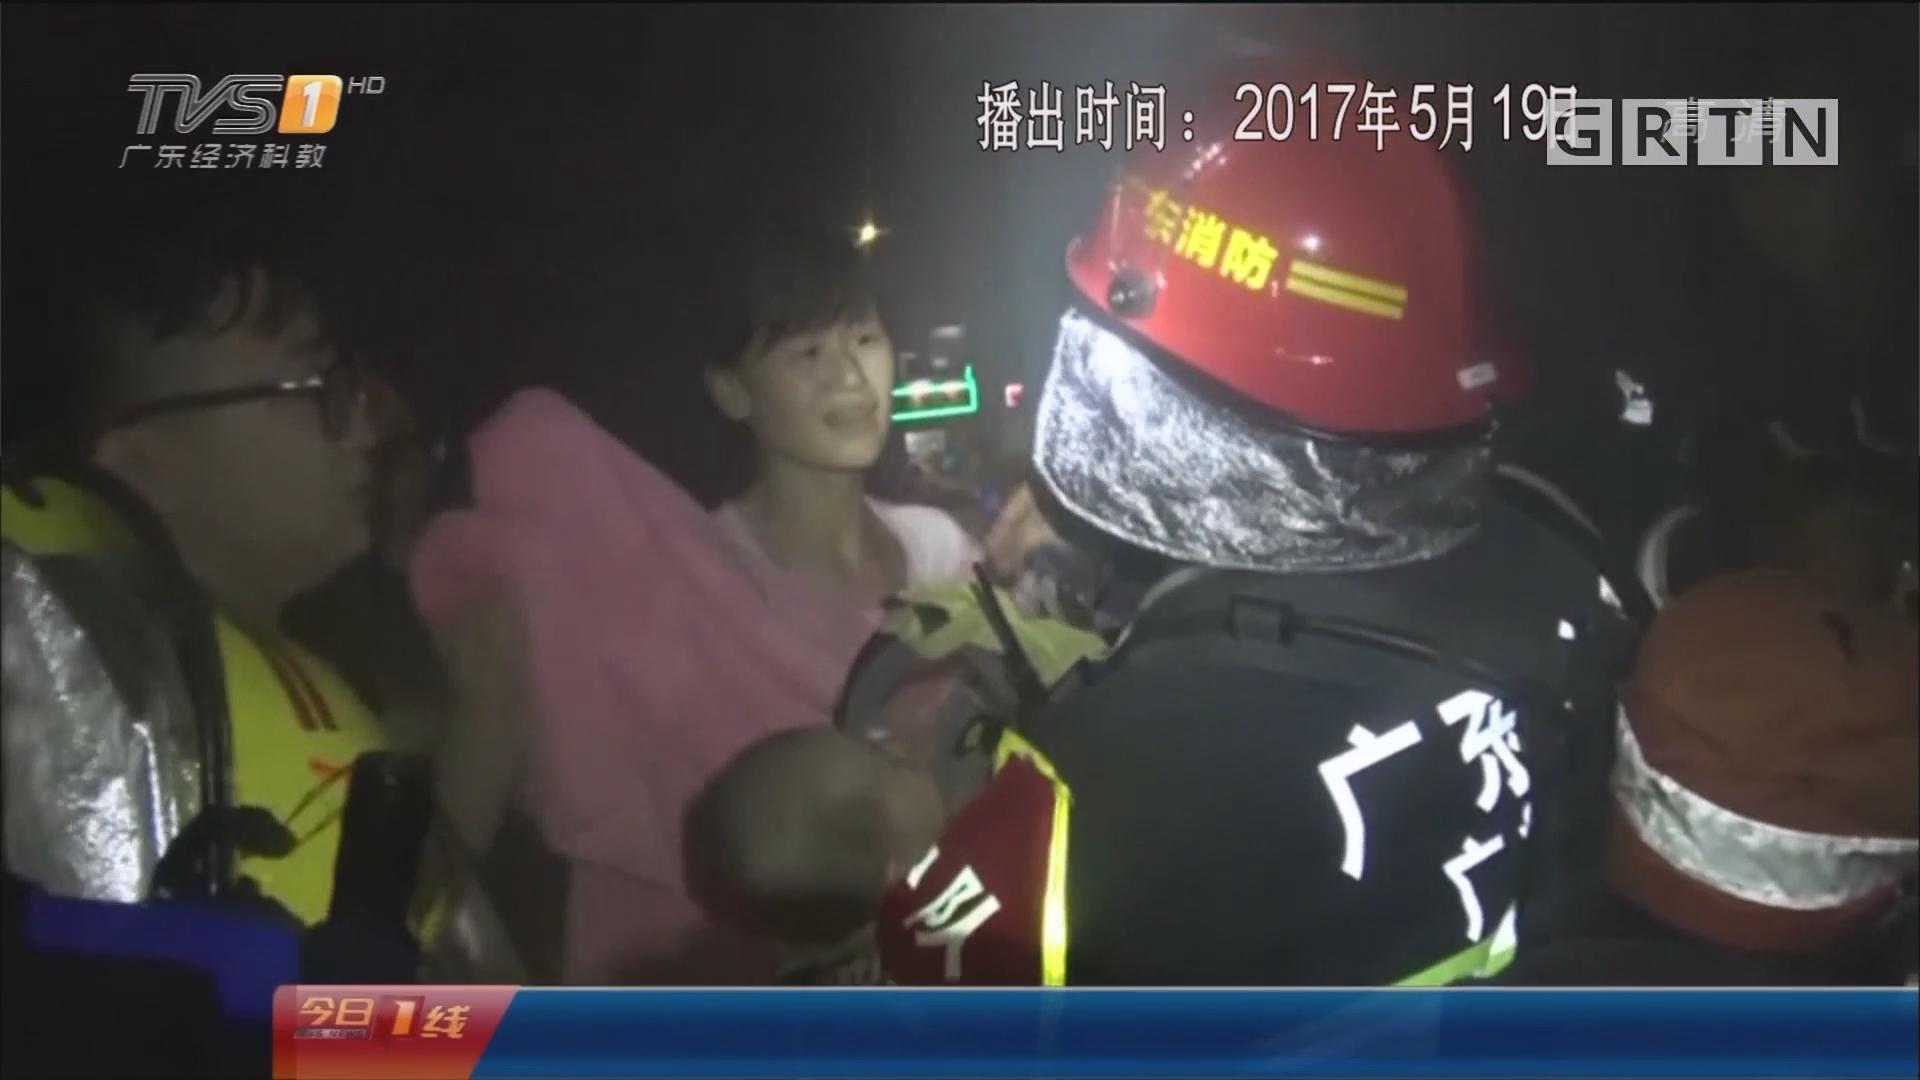 除夕特别节目:2017的那些感动 浓烟中 消防员摘下呼吸面罩给婴孩